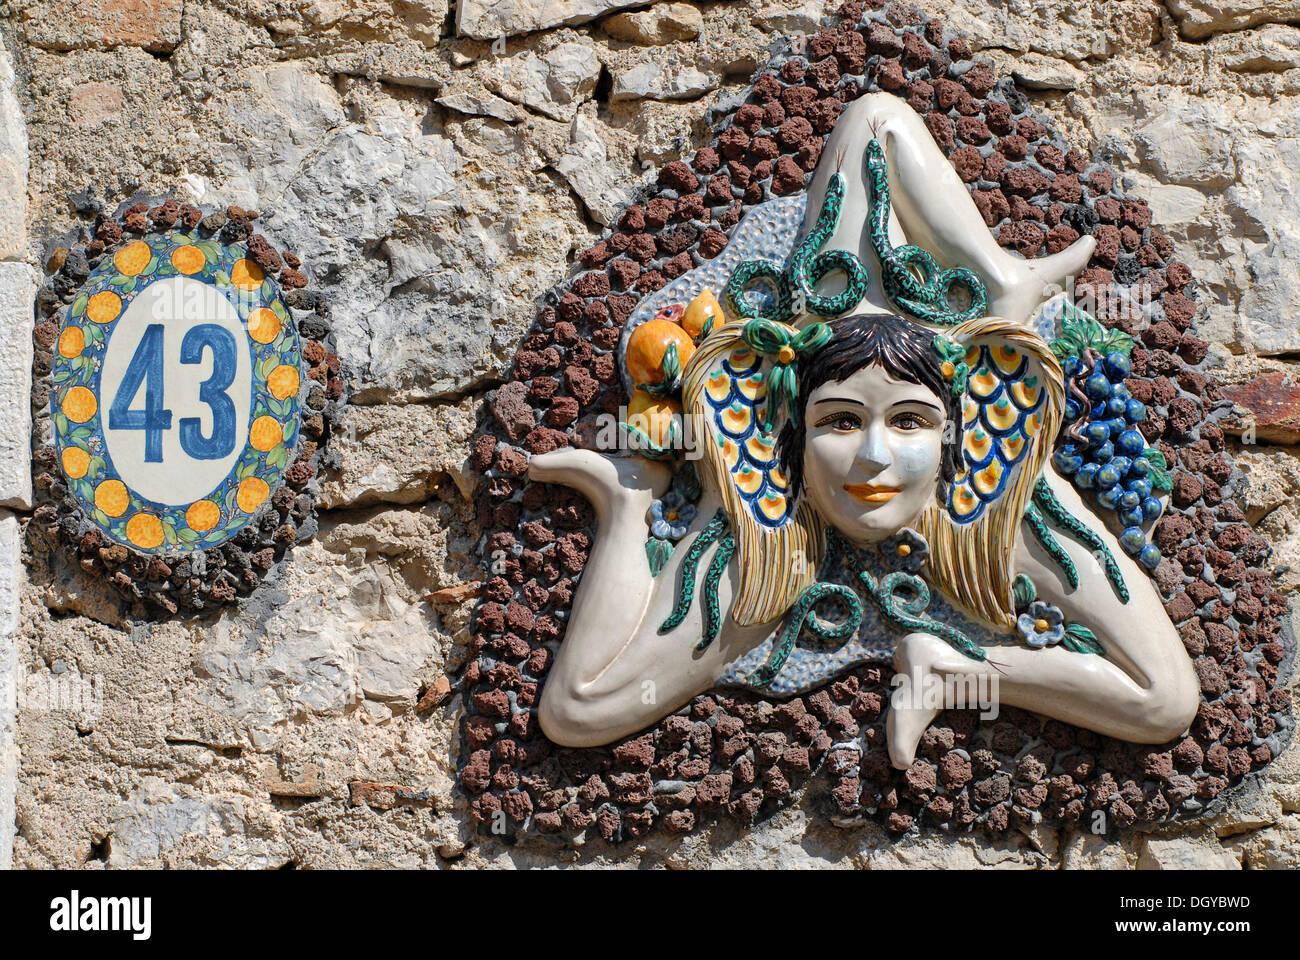 Das Symbol von Sizilien, ein Mädchenkopf umgeben von Schlangen und kleinen Flügeln mit drei laufenden angewinkelten Beinen, Sonnenrad, an einer Wand Stockbild